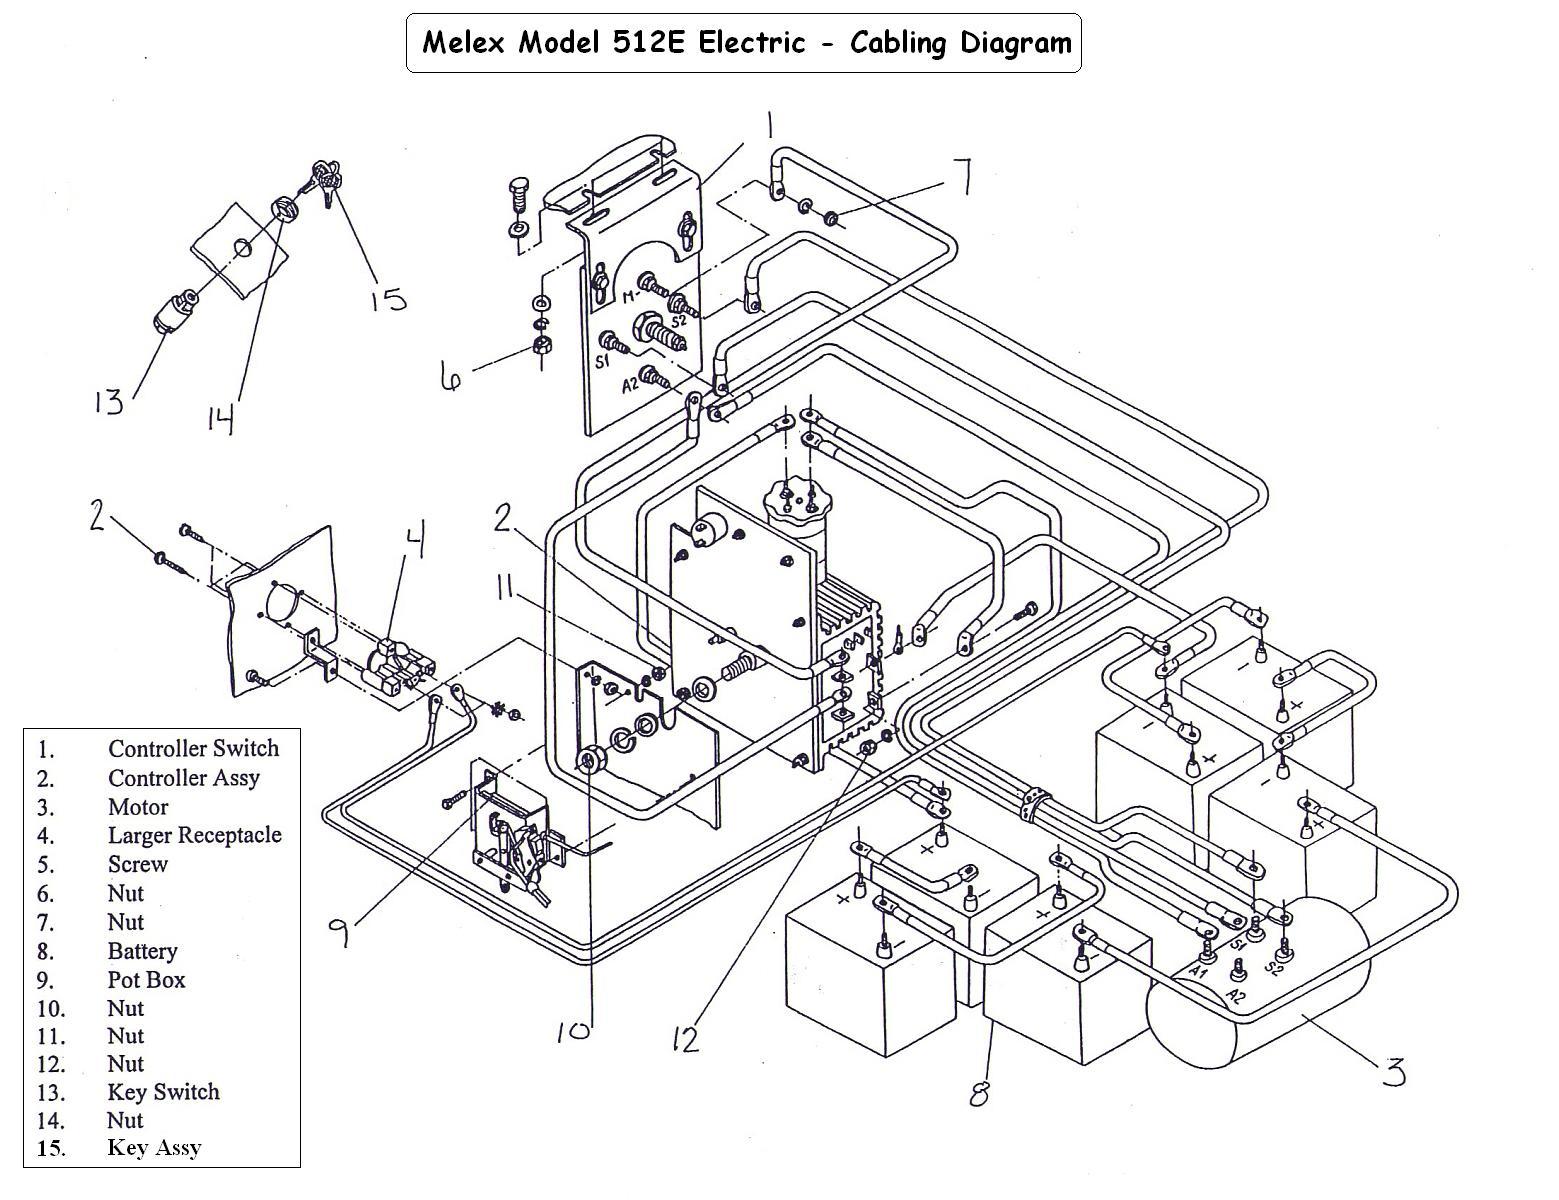 36 volt melex motor wiring diagram wiring diagram nlmelex 36 volt golf cart wiring diagram wiring diagram yamaha 48 volt golf cart wiring diagram 36 volt melex motor wiring diagram